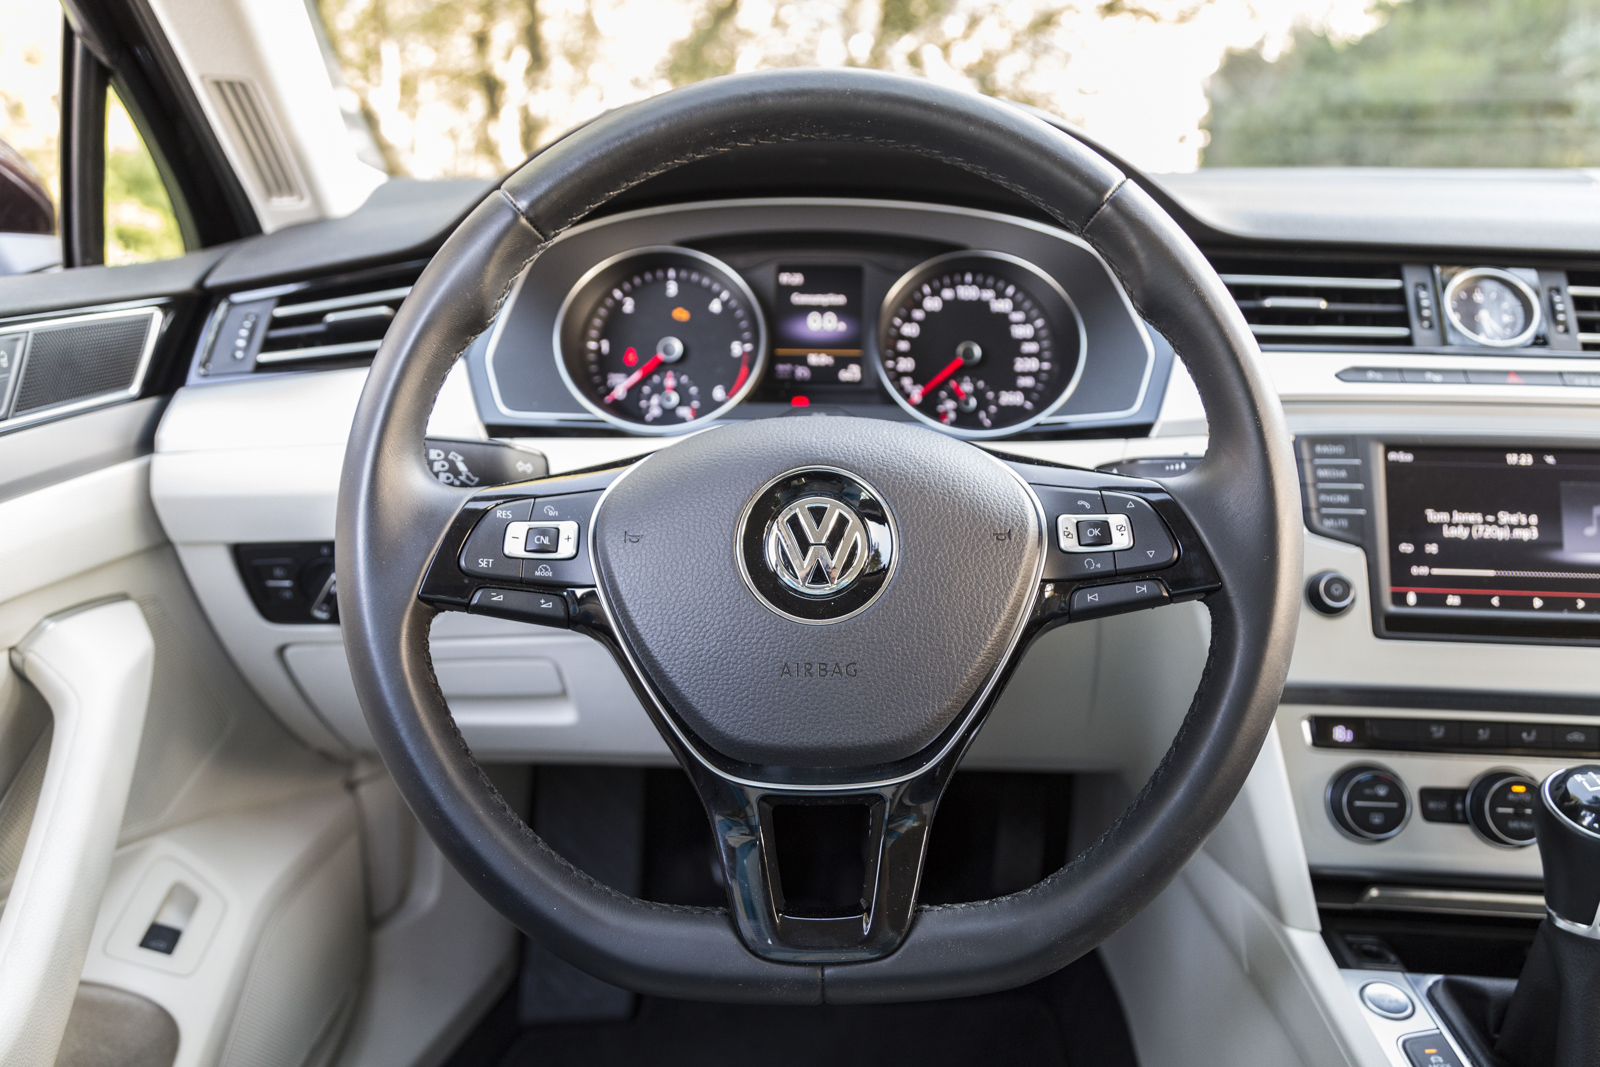 Test_Drive_VW_Passat_1.6_TDI_47